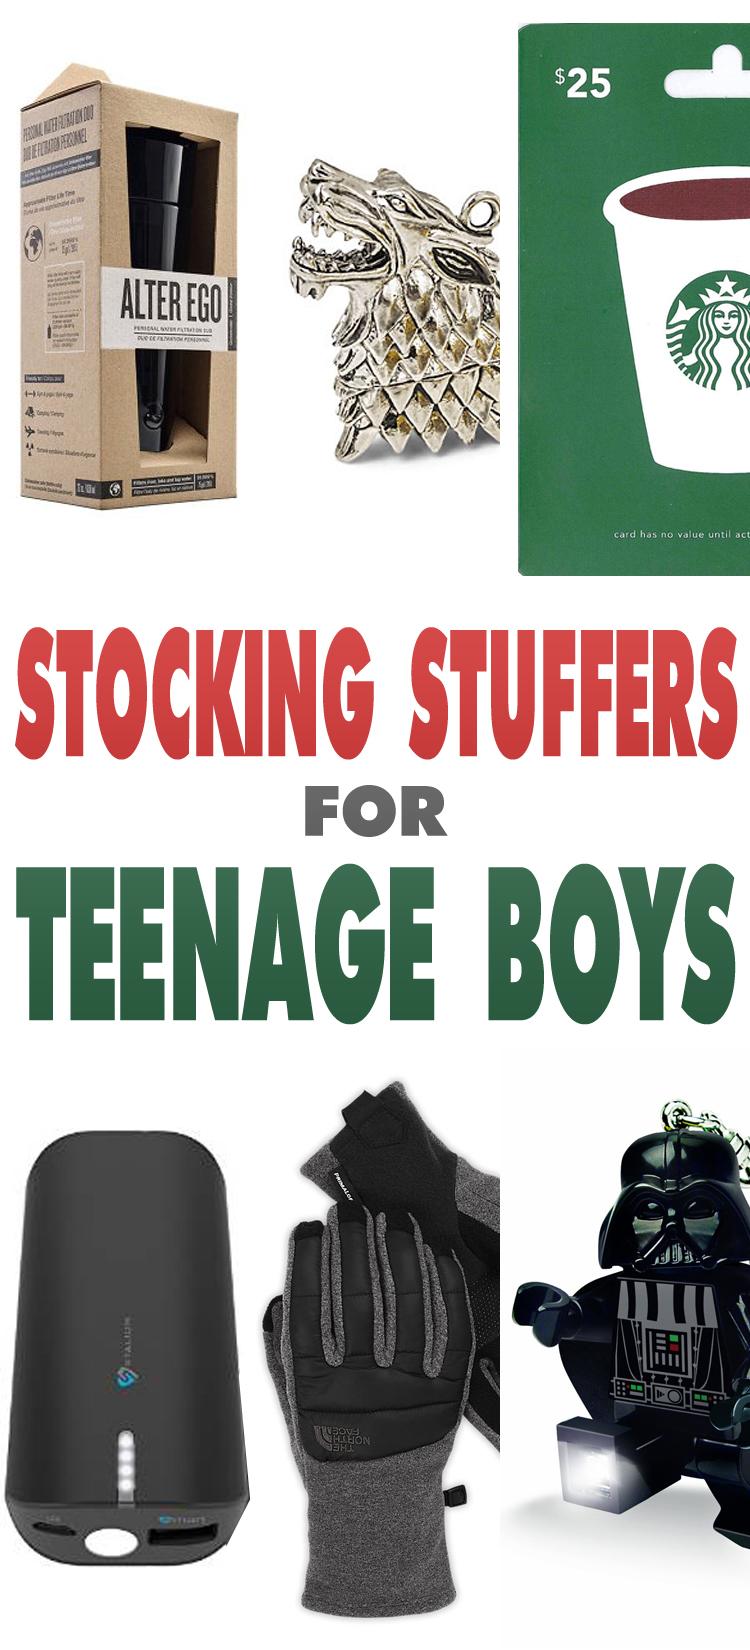 stockingstuffersforteenageboys tower 1